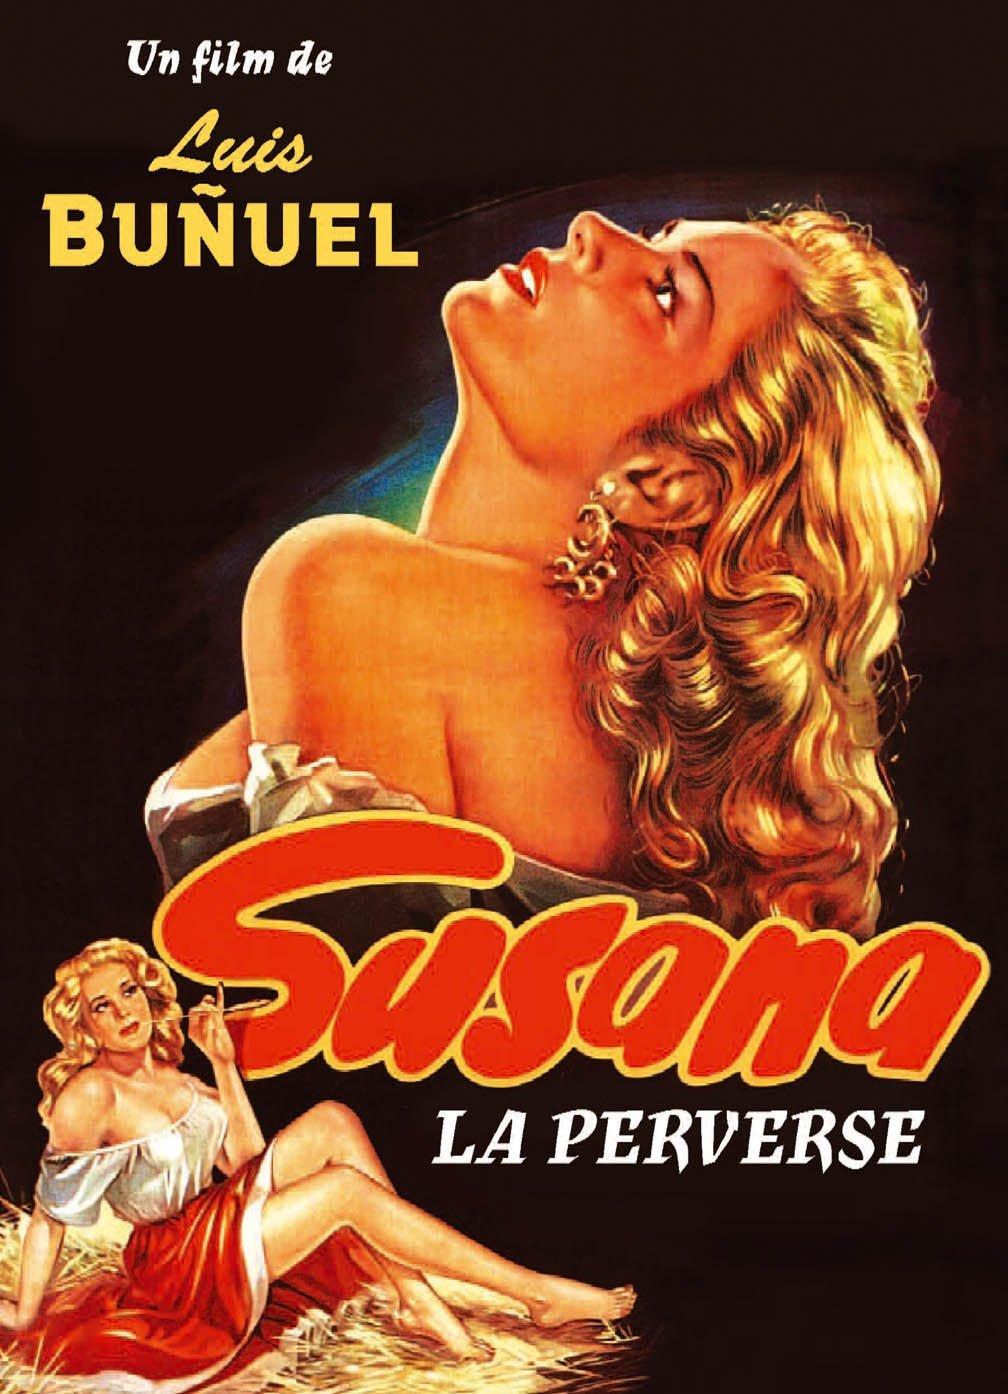 Susana : demonio y carne |